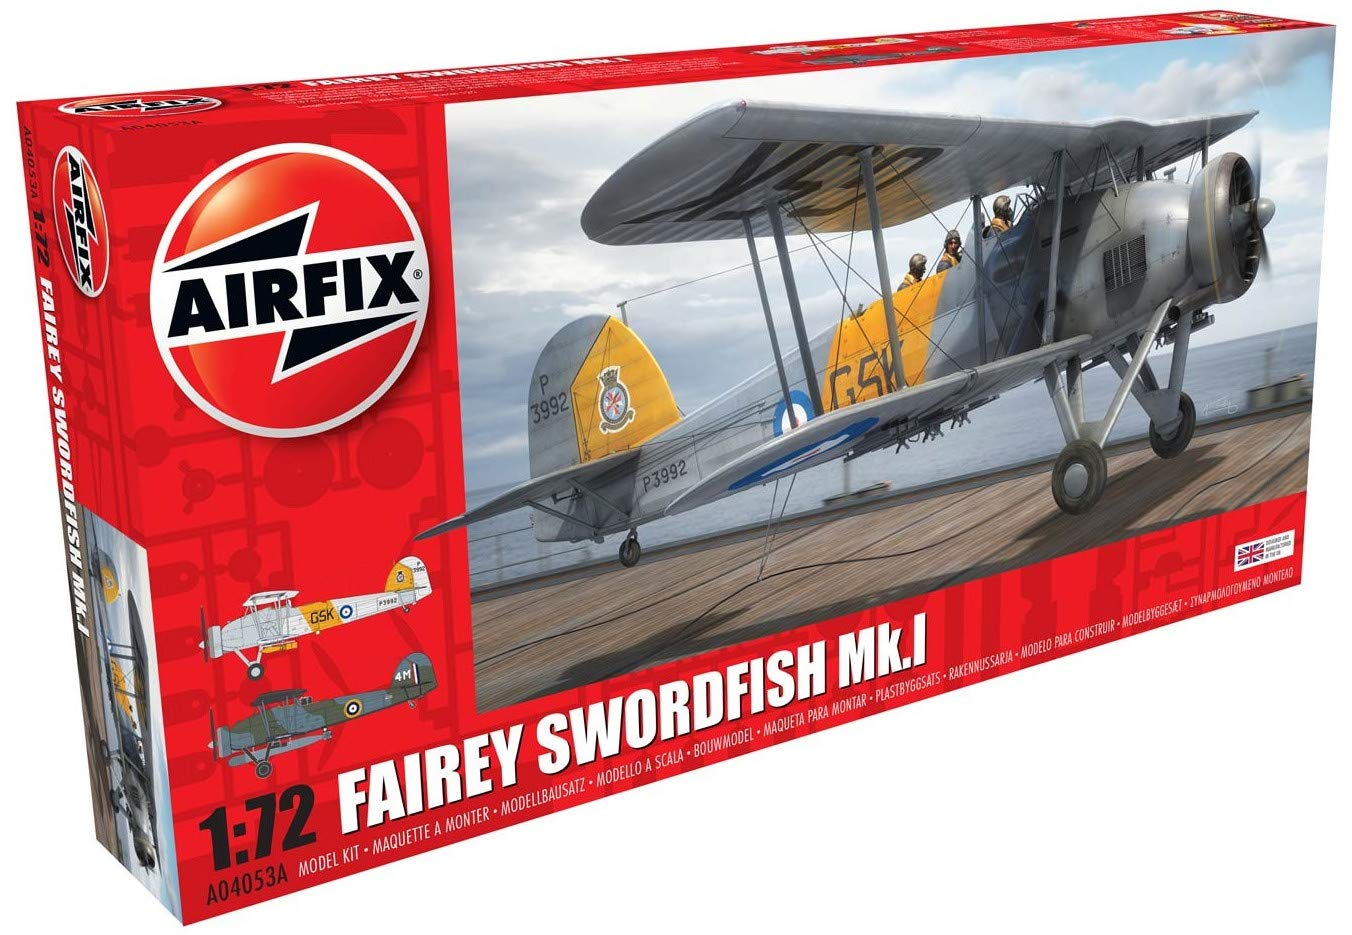 Airfix Fairey Swordfish MK.I 1:72